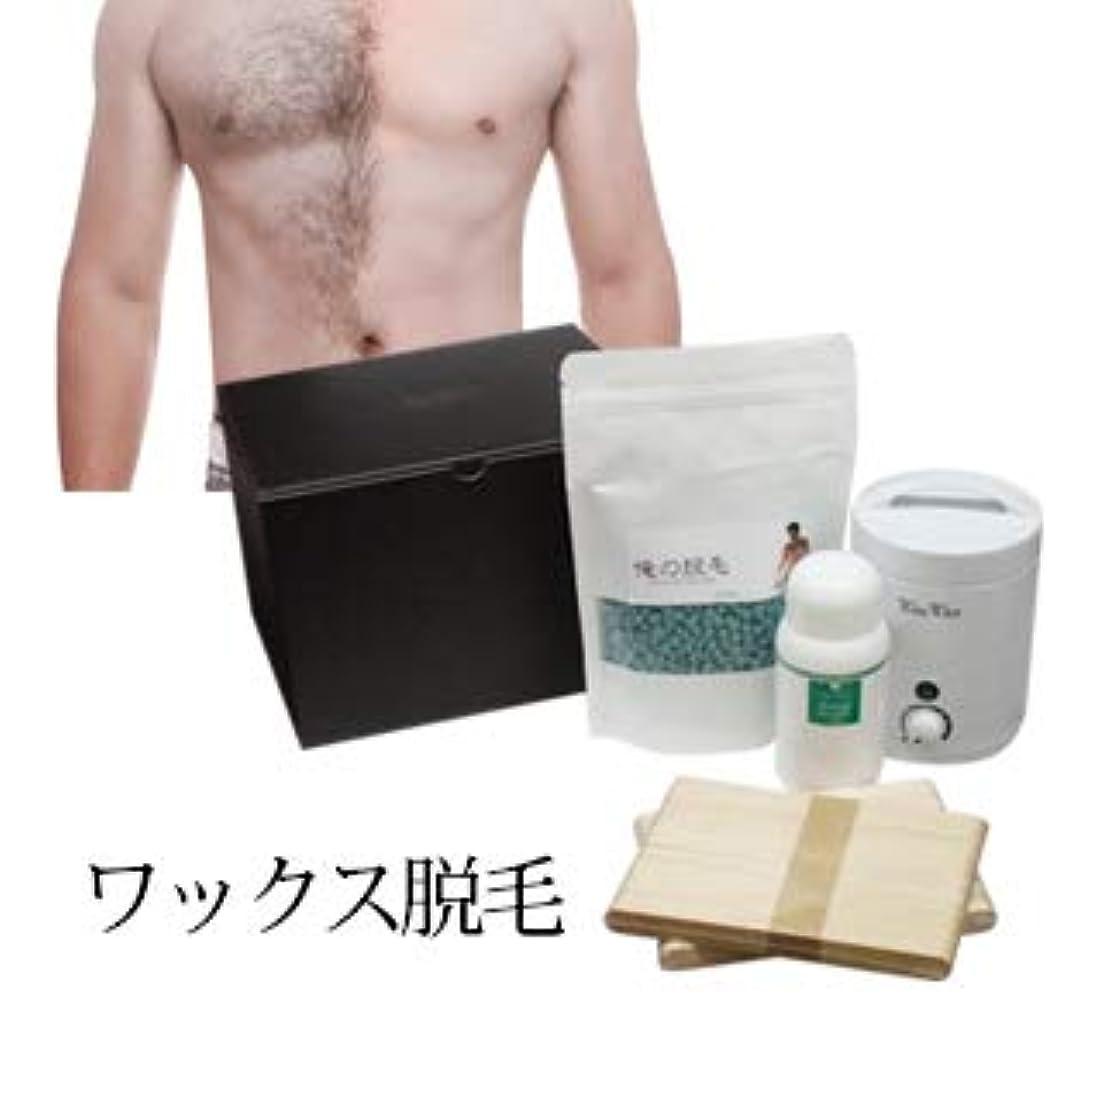 知覚食料品店ベリー【メンズ 俺の脱毛】WaxWax ワックス脱毛キット